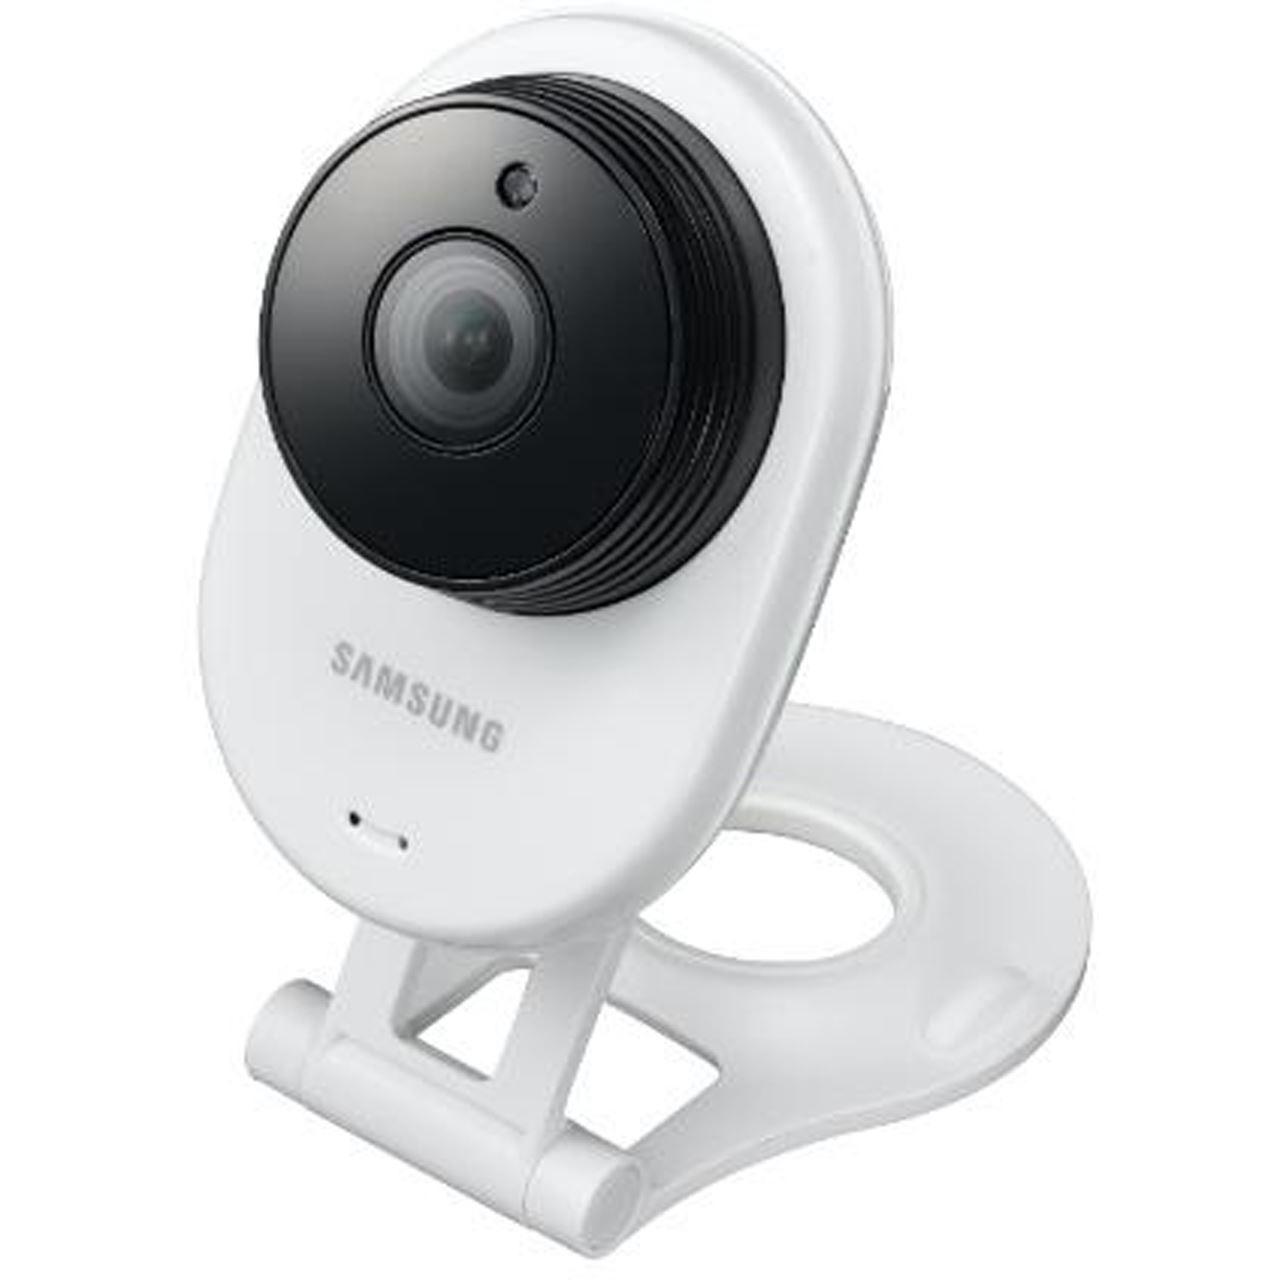 samsung smart home kamera hd wlan ohne wdr snh e6411bn. Black Bedroom Furniture Sets. Home Design Ideas